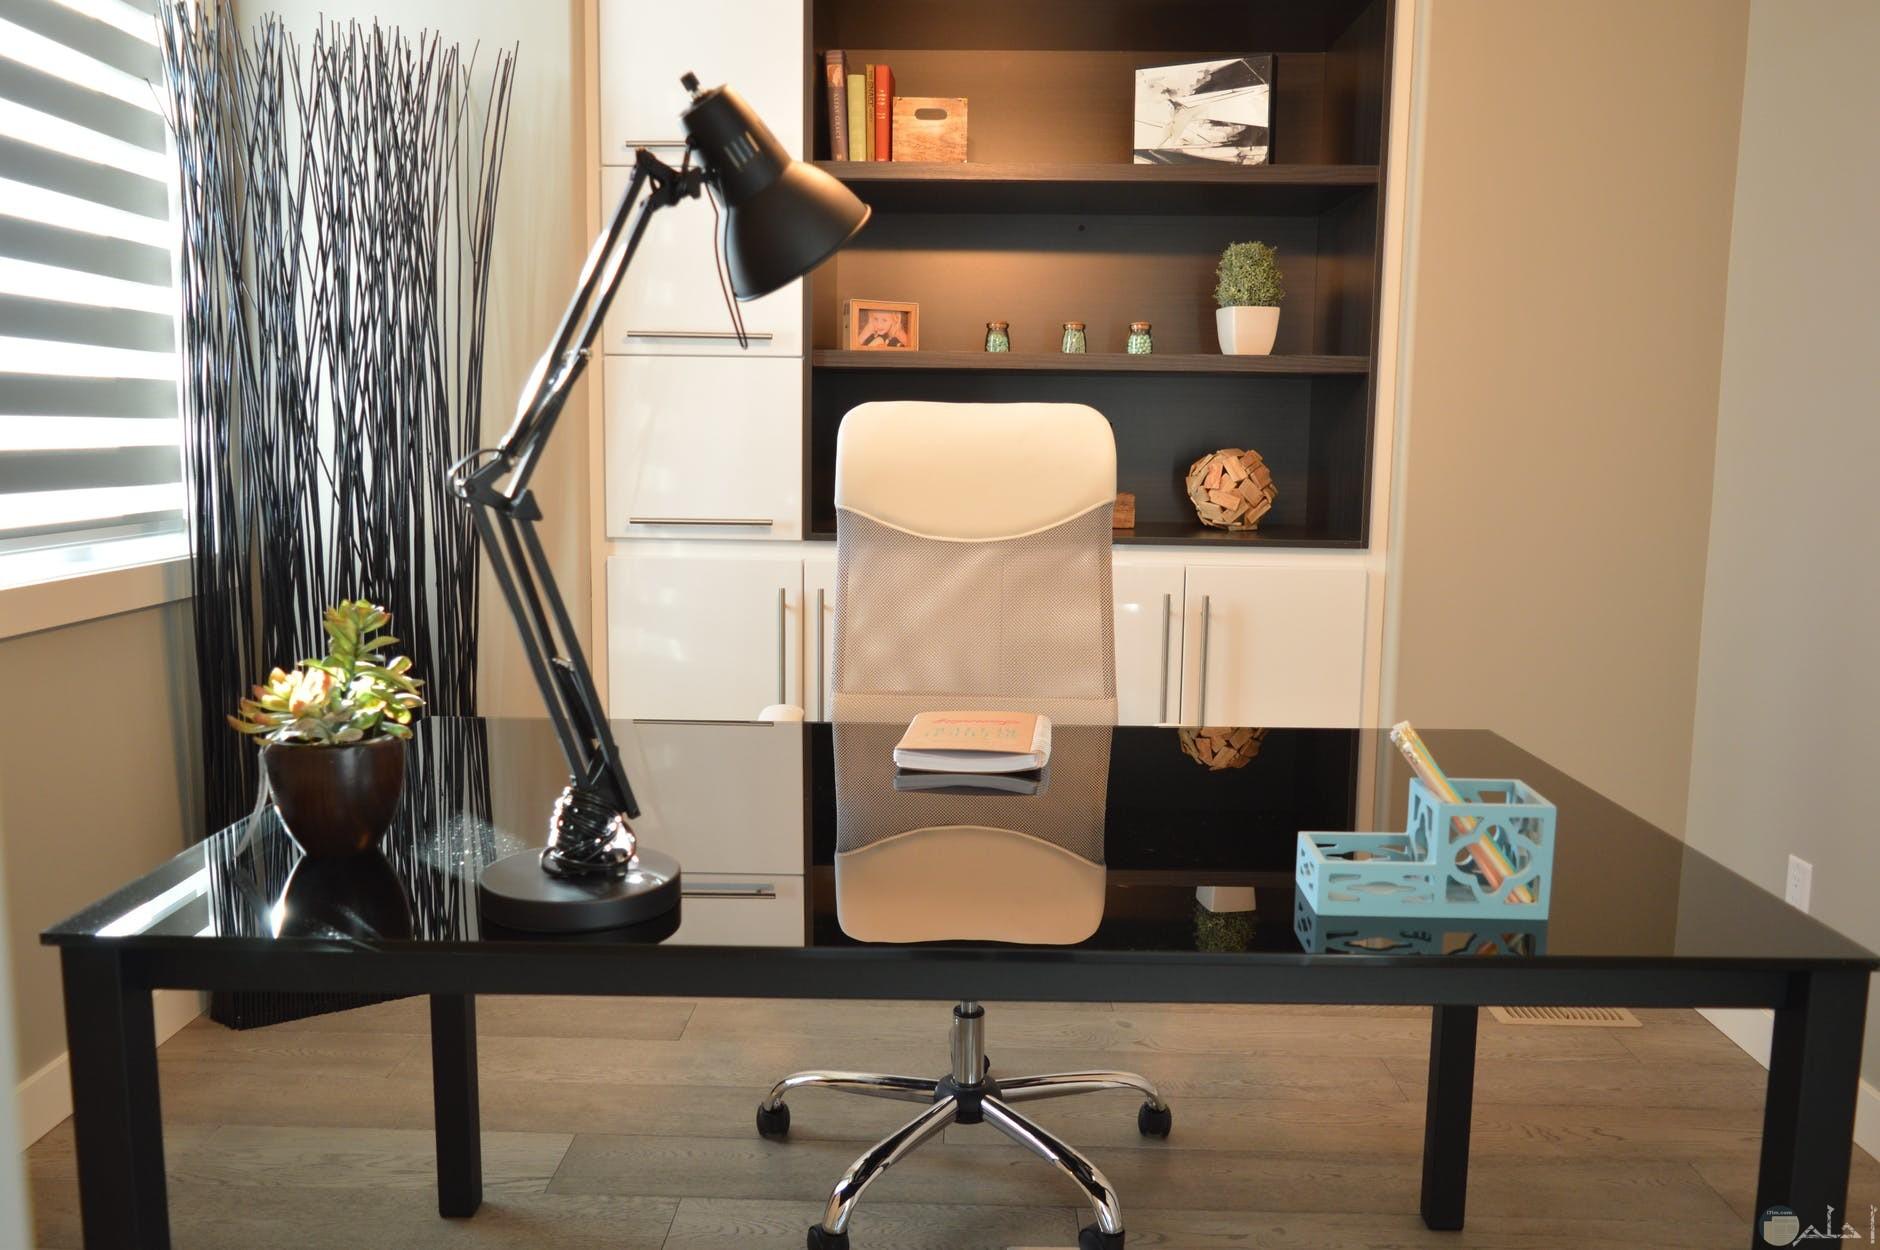 مكتب غاية في الجمال